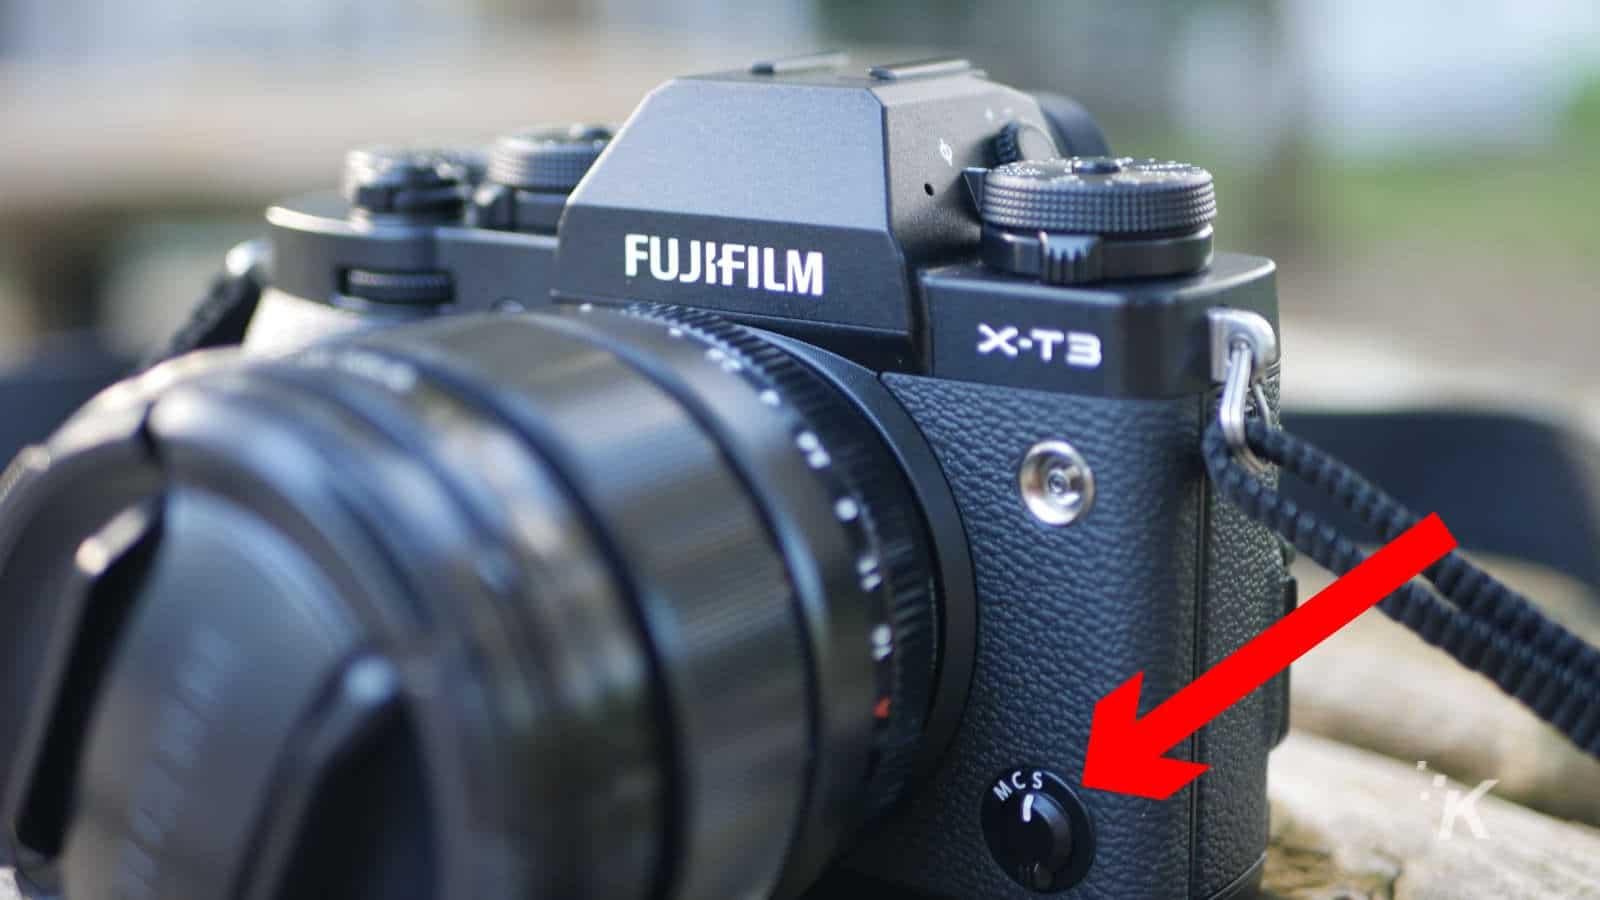 fujifilm xt-3 camera